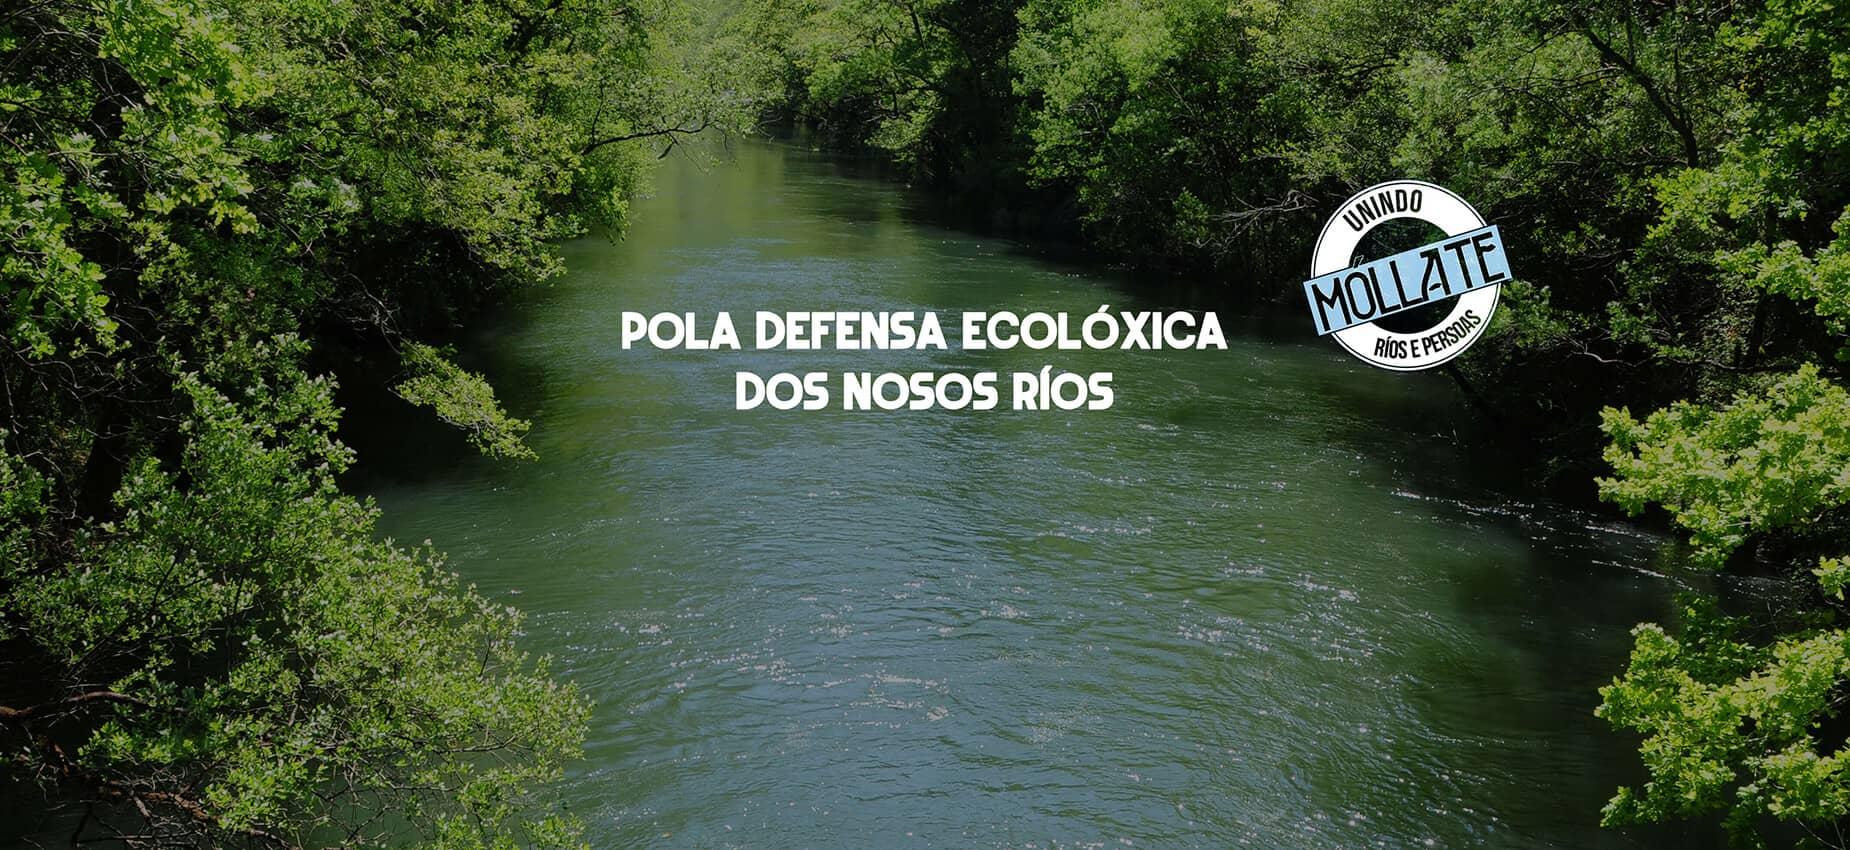 defensa ecolóxica dos ríos